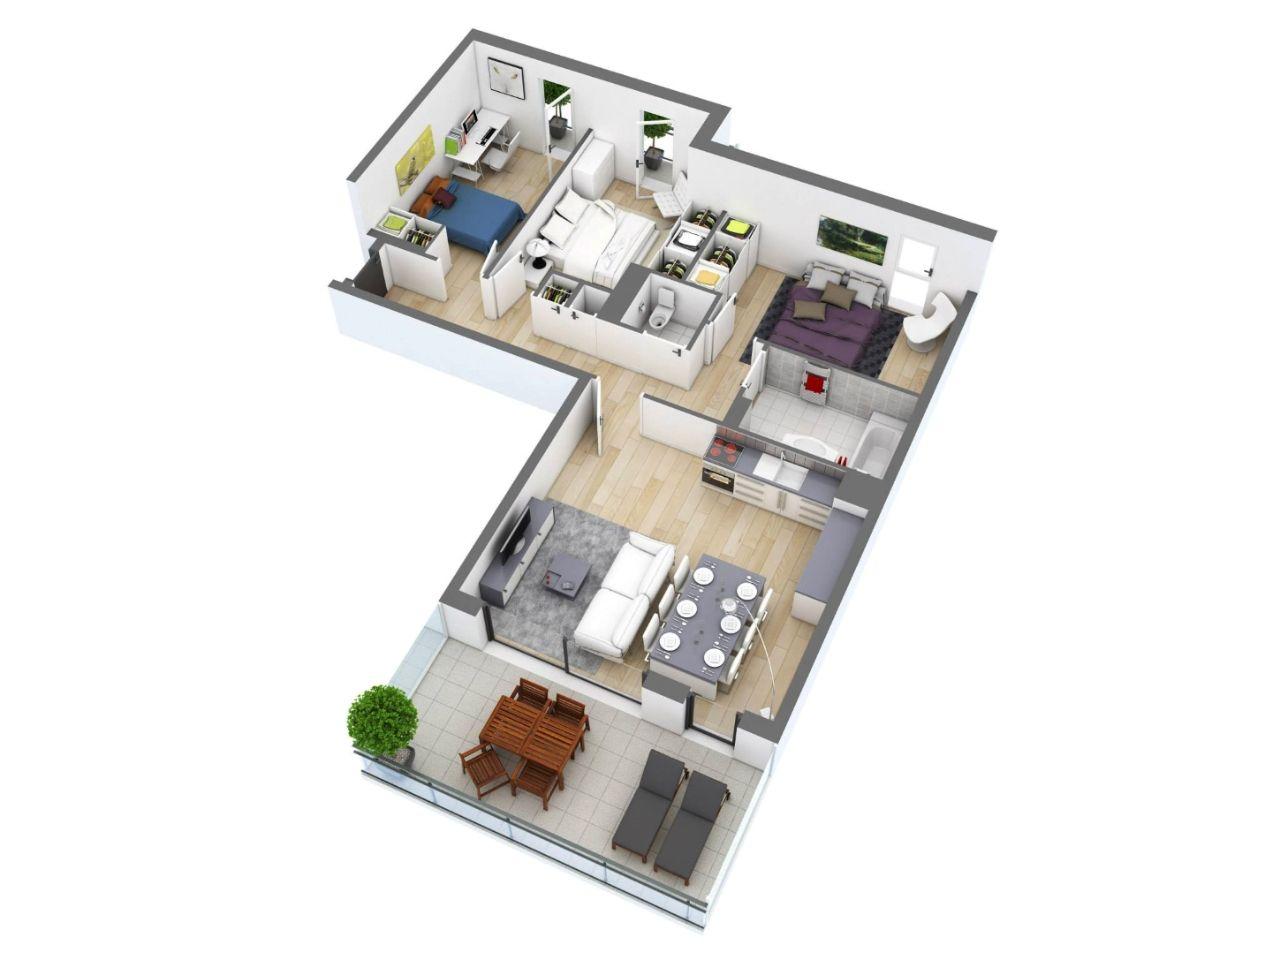 mẫu nhà cấp 4 chữ L mái thái 3 phòng ngủ